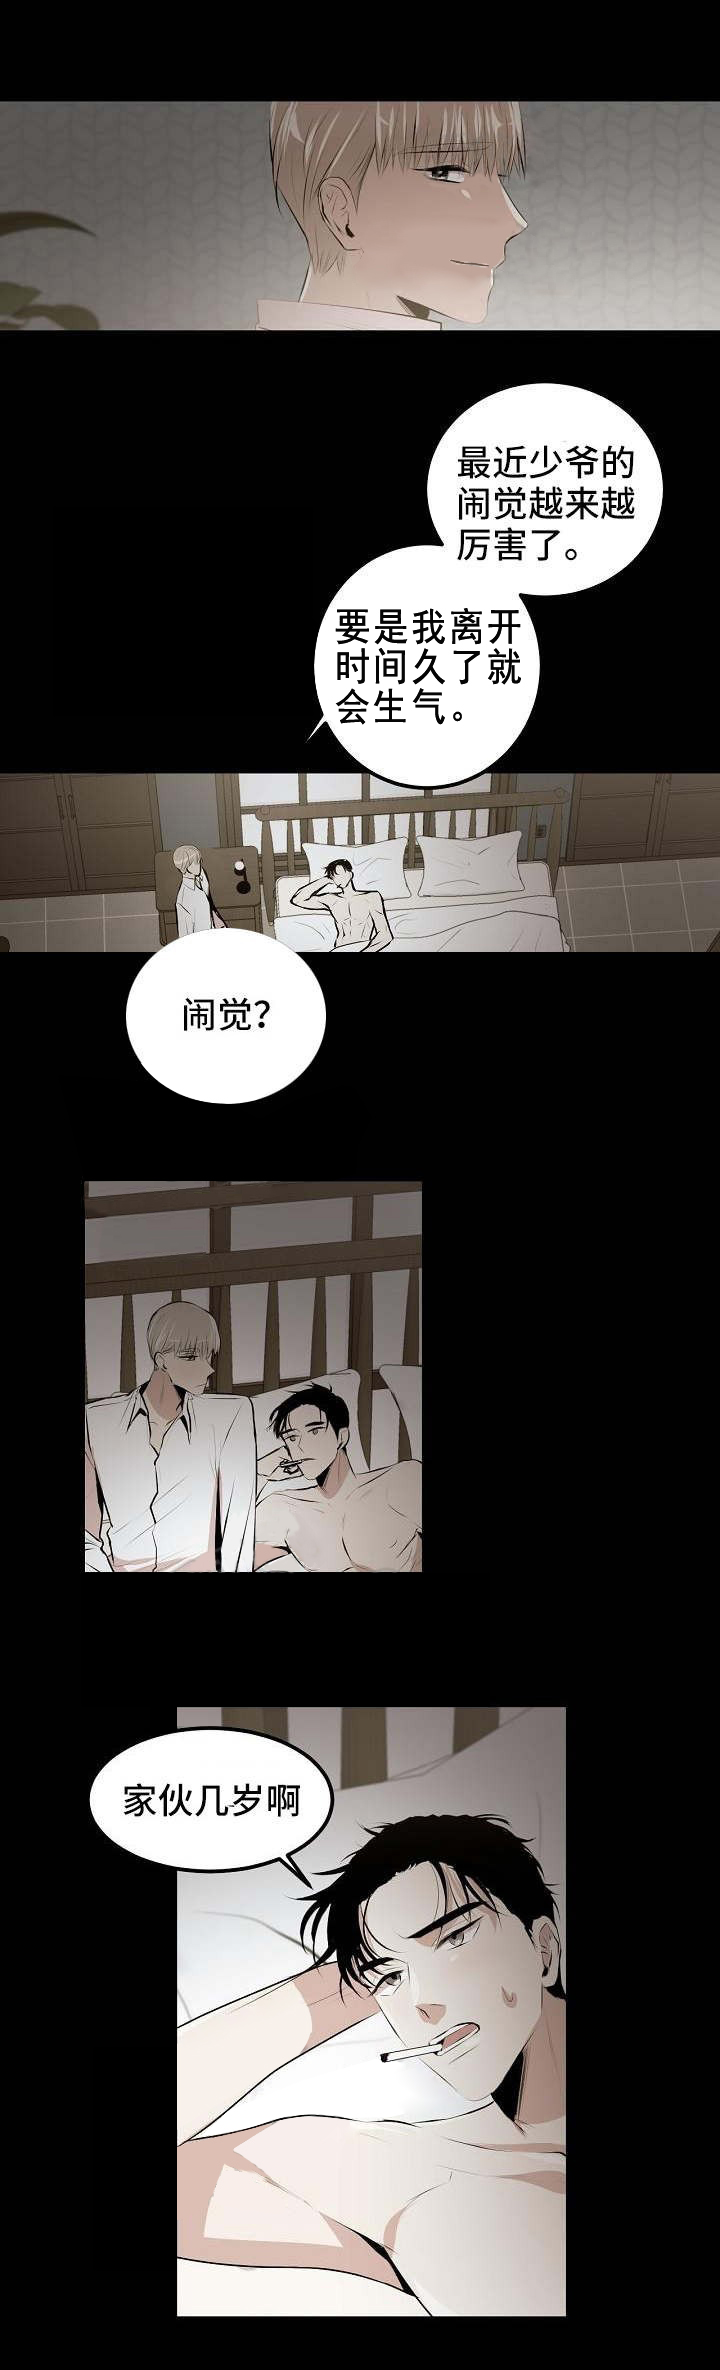 梦的肖像-免费漫画完整版汉化_最新连载首发-啵乐漫画